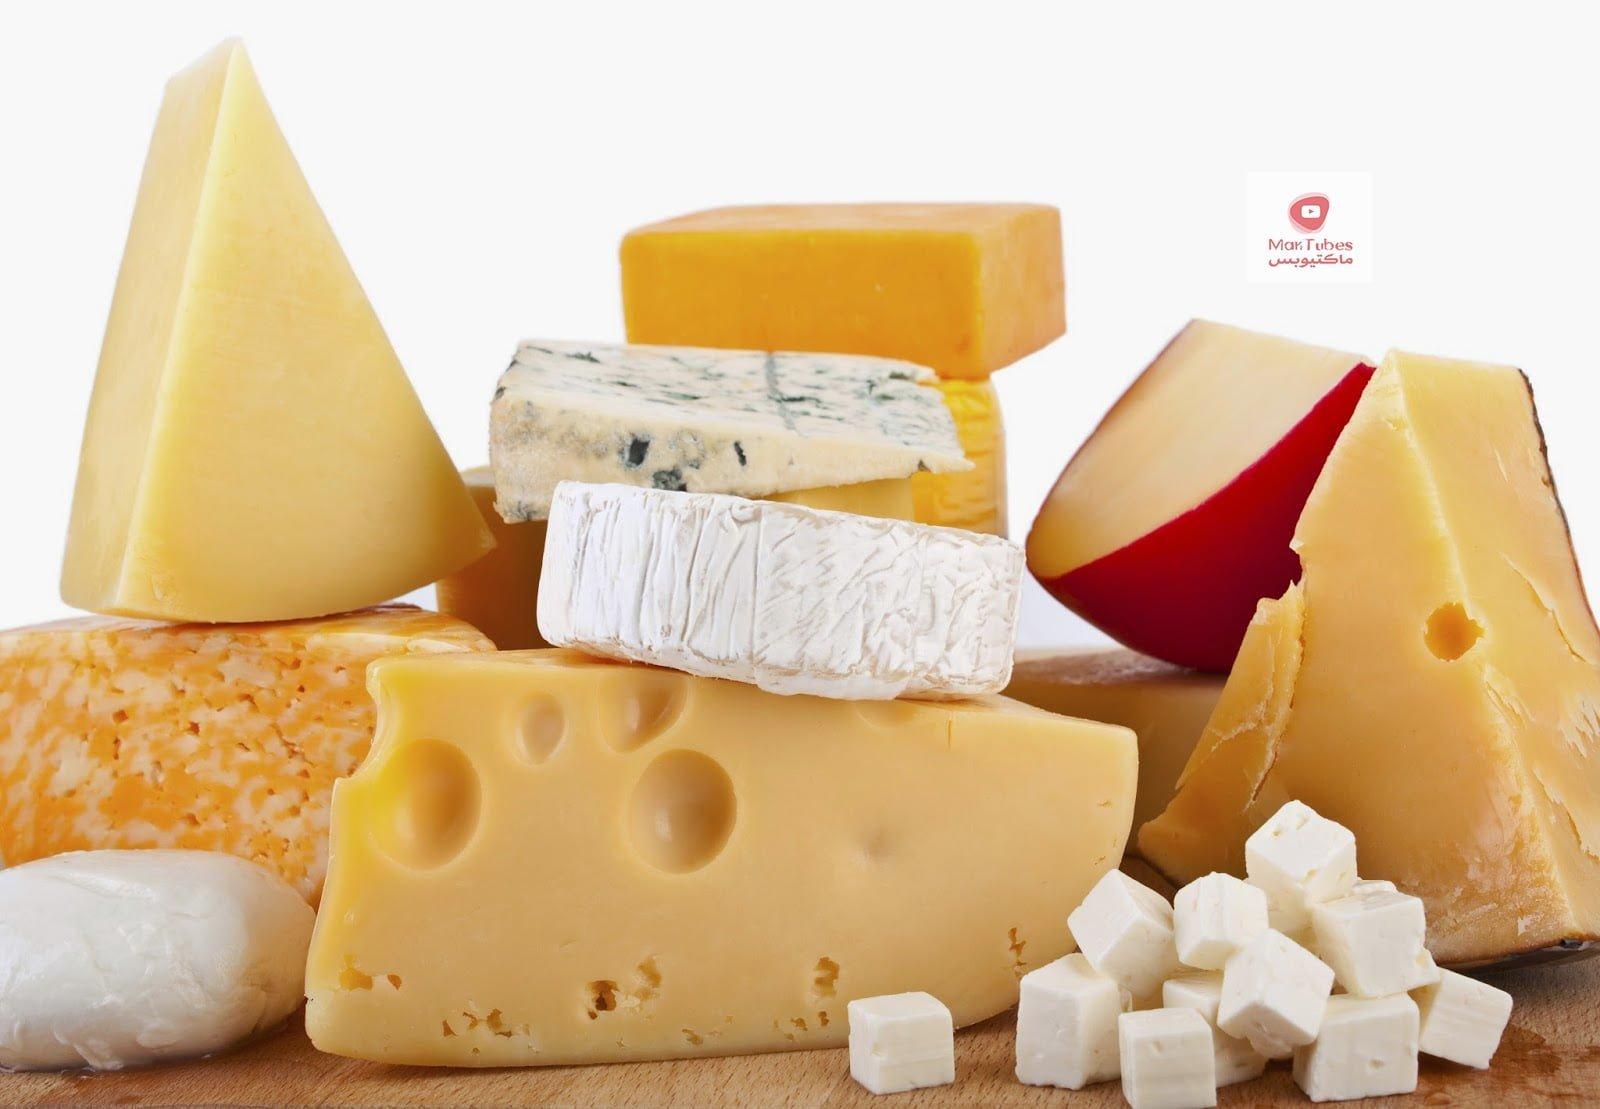 صناعة الجبن بمكون صحي لا يخطر على البال بدون منفحة أو خل أو ليمون على الطريقة الشركسية